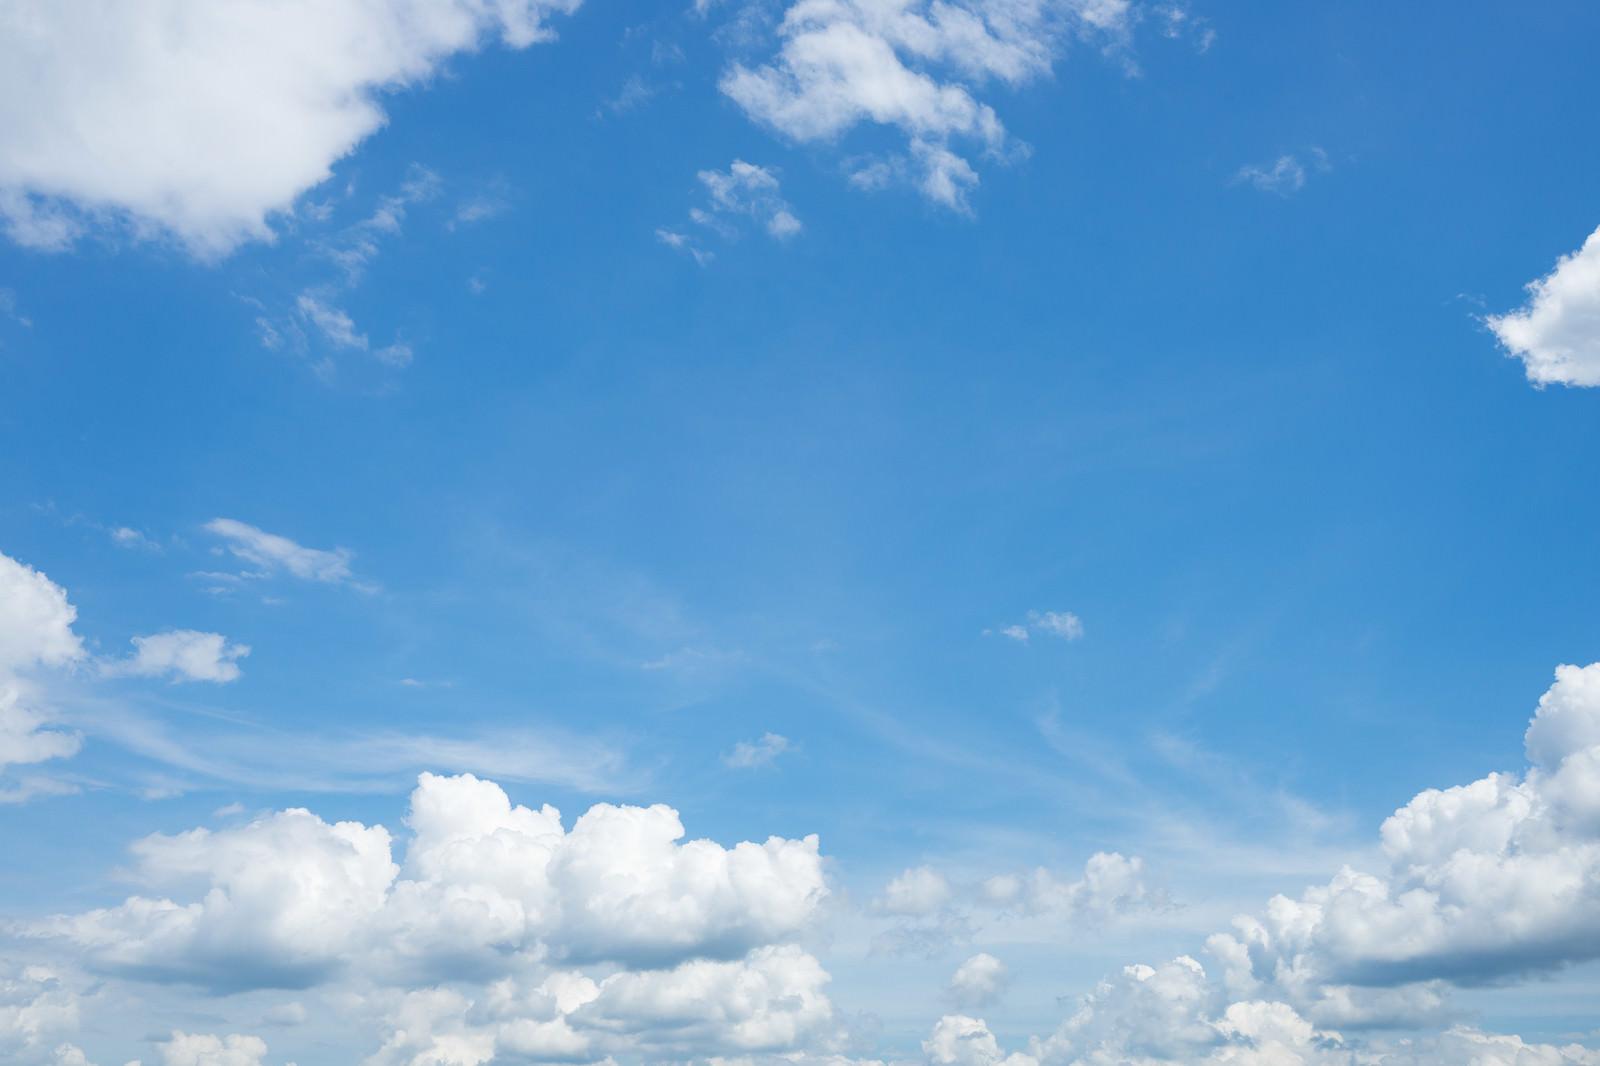 「雲が出てきた晴れ日雲が出てきた晴れ日」のフリー写真素材を拡大